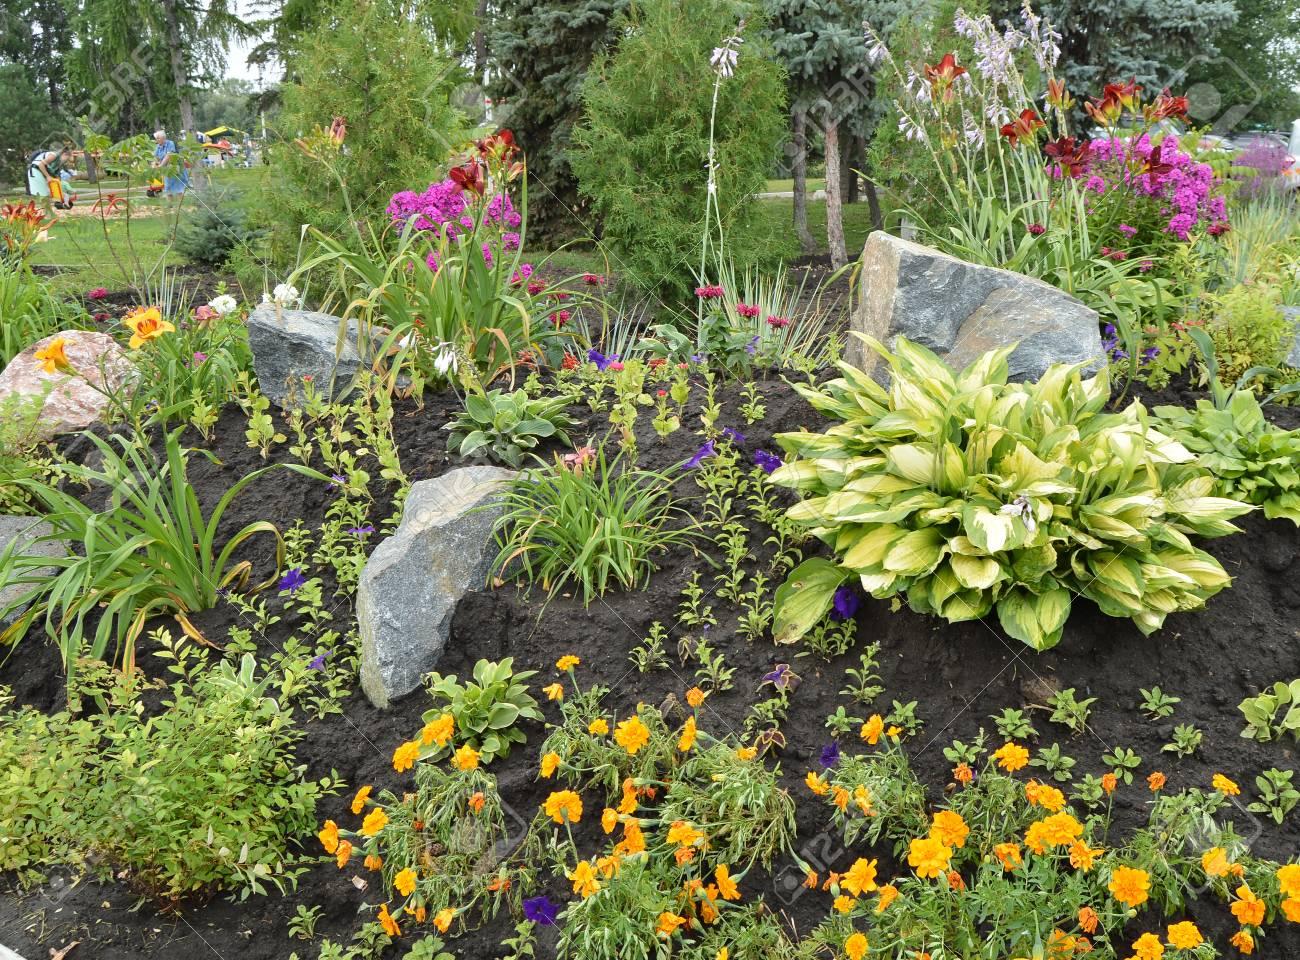 Обустройство участка: Клумбы и цветники, альпийские горки